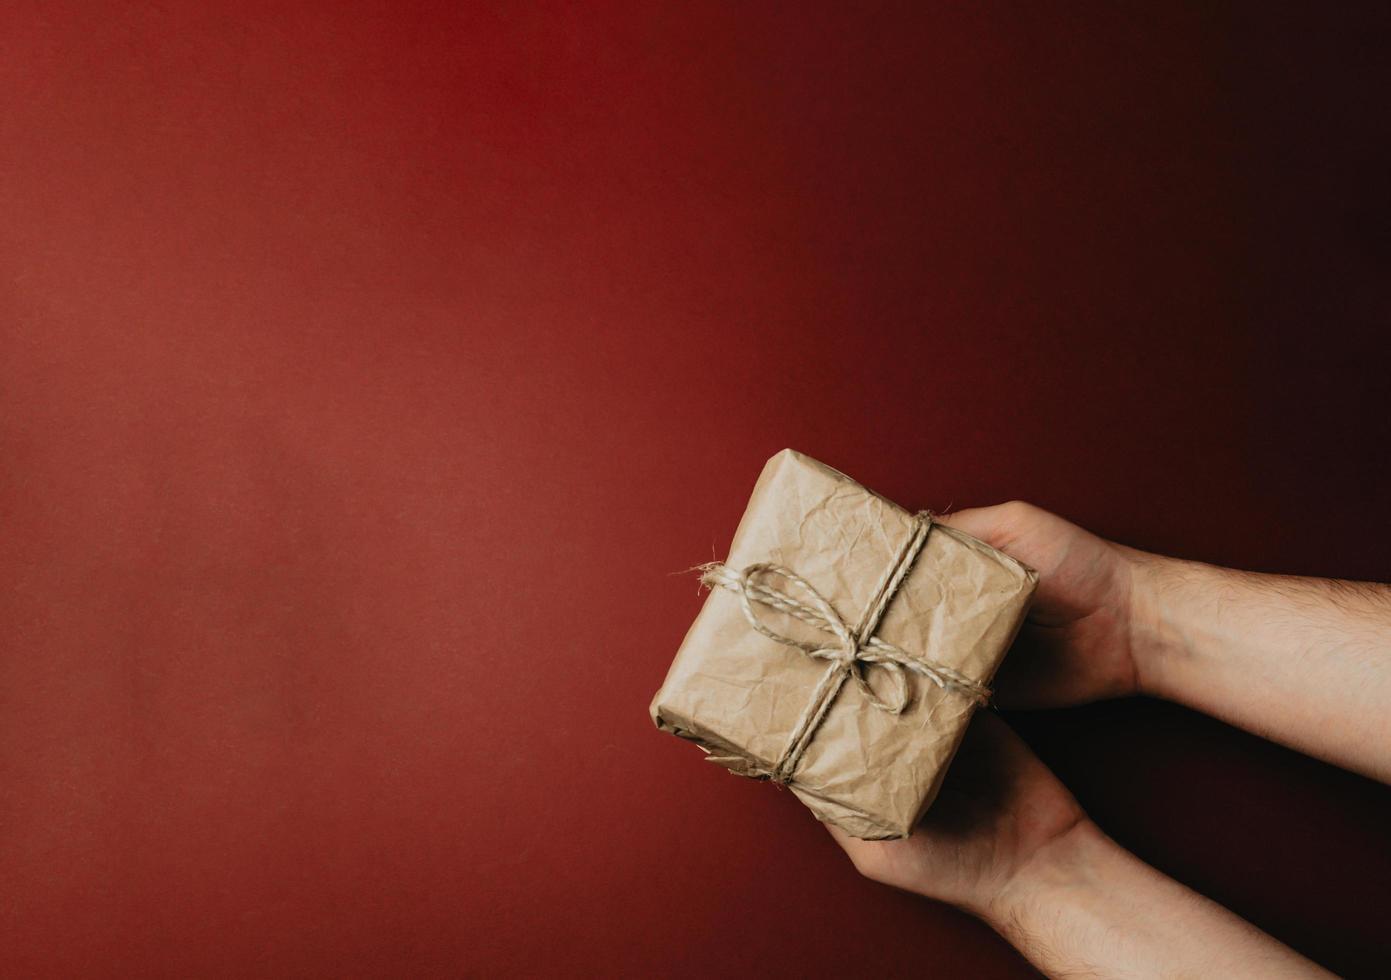 Dos manos dando un regalo sobre un fondo rojo oscuro con espacio de copia foto